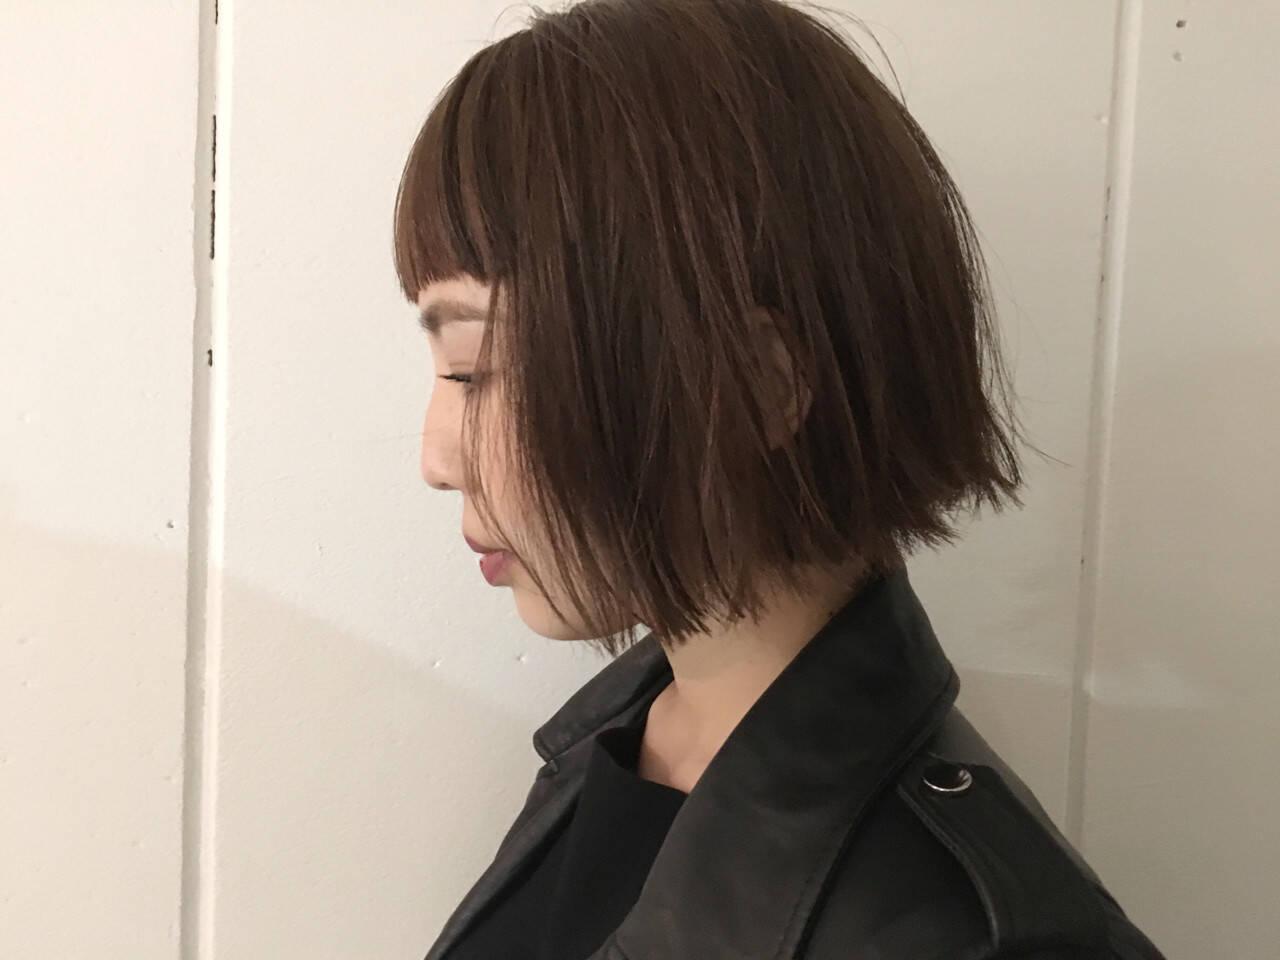 モード ボブ 切りっぱなし アッシュヘアスタイルや髪型の写真・画像